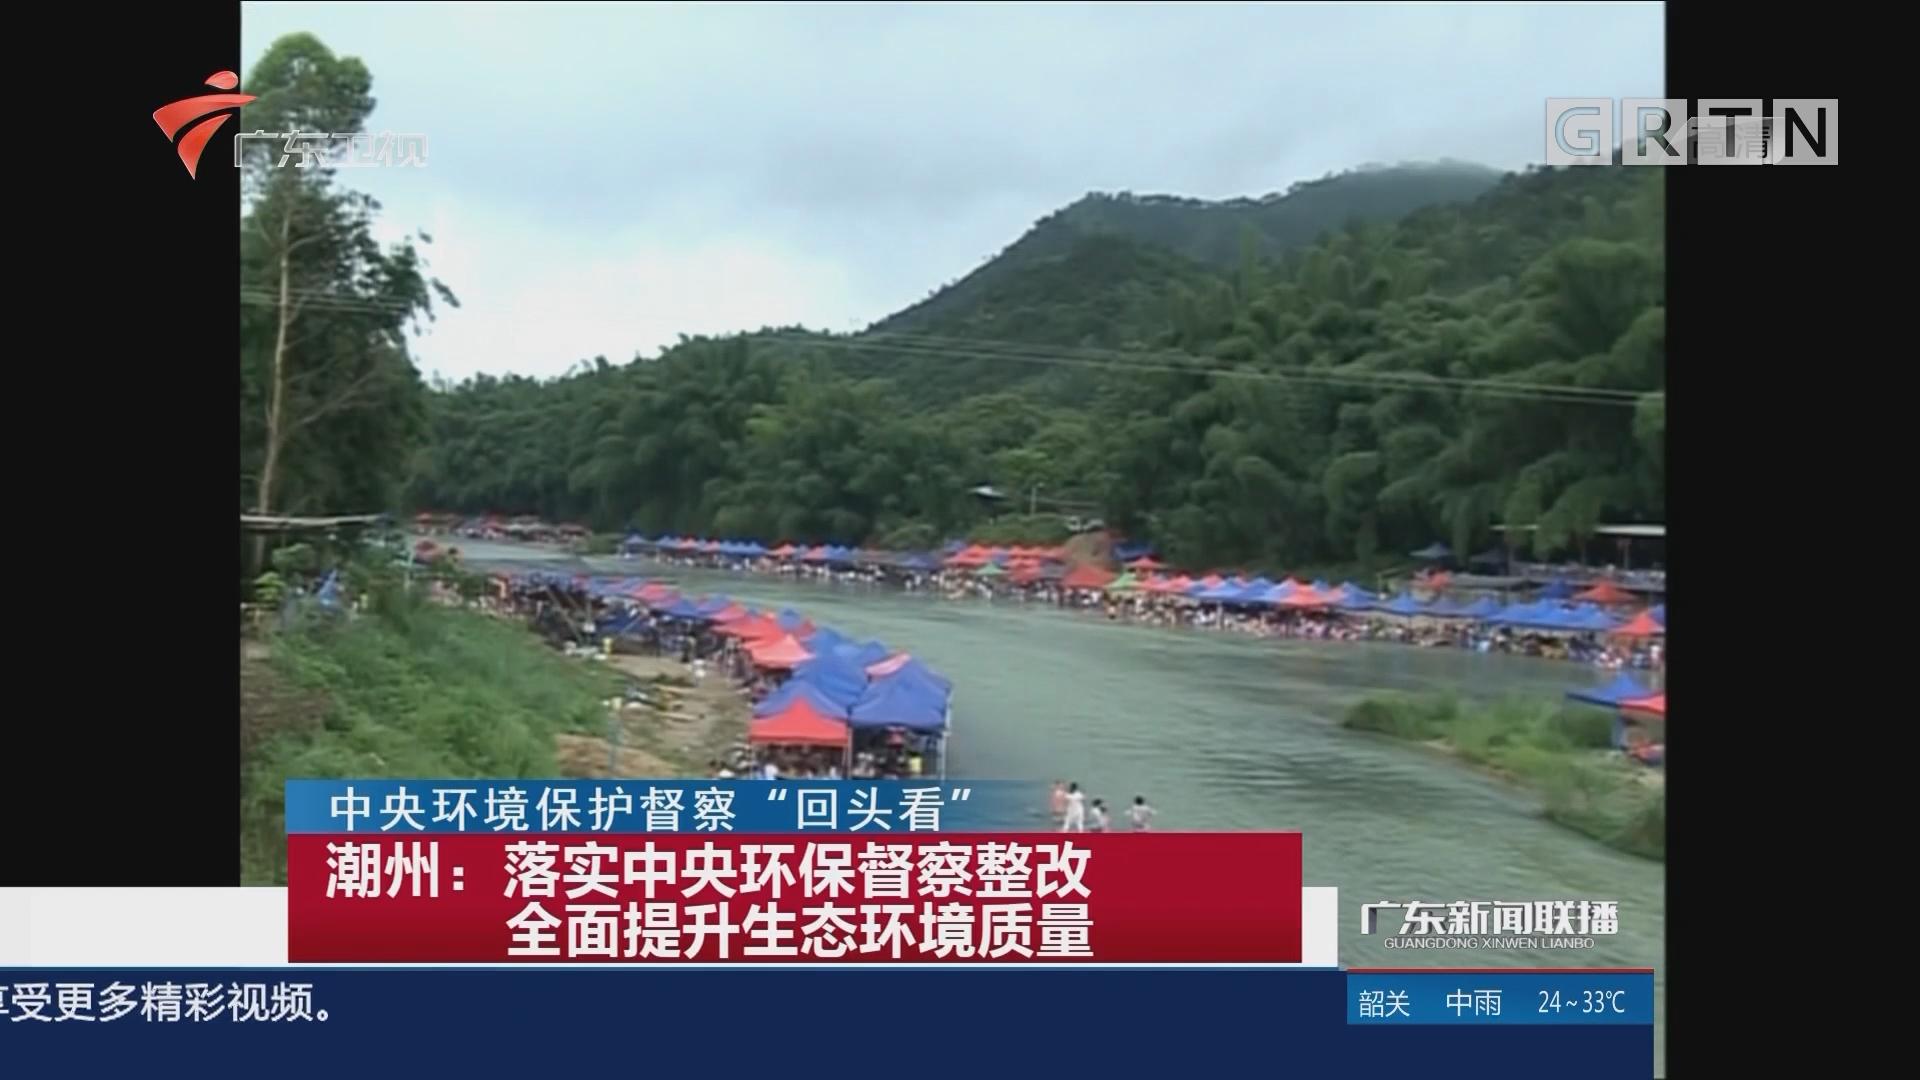 潮州:落实中央环保督察整改 全面提升生态环境质量